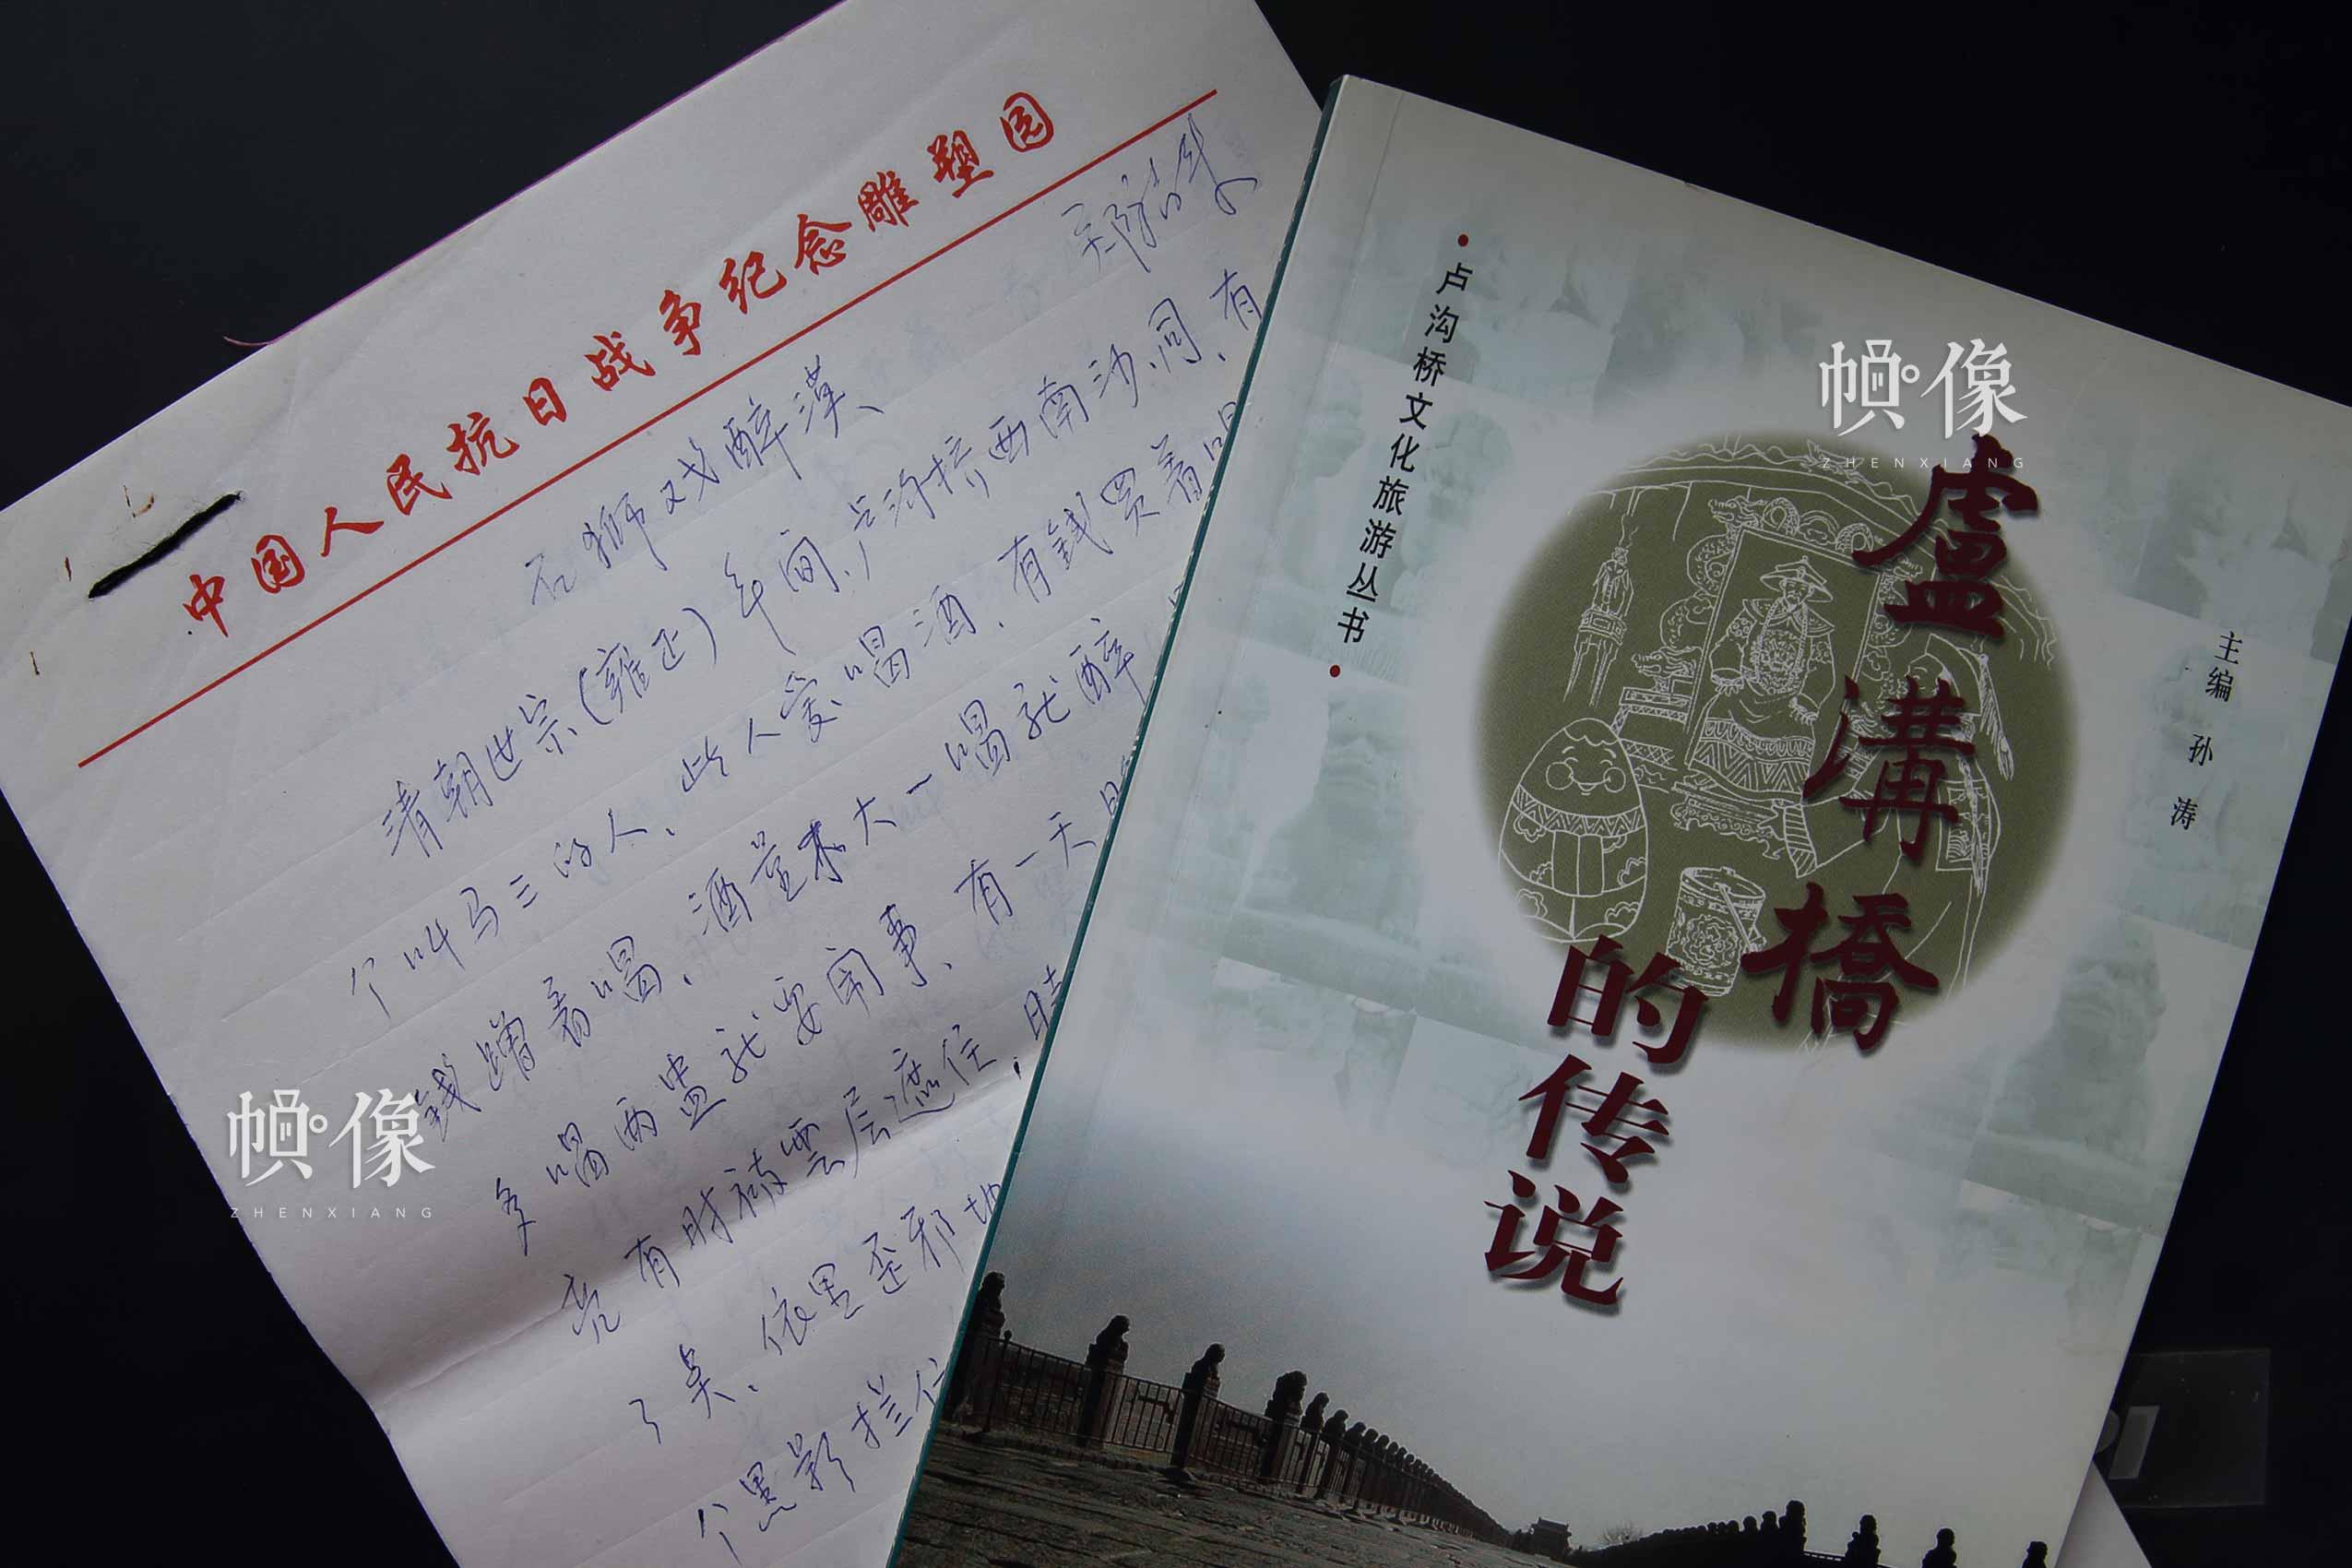 在2015年公布的75位第四批北京市级非物质文化遗产项目代表性传承人中,郑福来凭借对卢沟桥传说民间文学的贡献,位列其中。在《卢沟桥的传说》一书中,收录了郑福来的17个卢沟桥民间故事。中国网记者 陈维松 摄